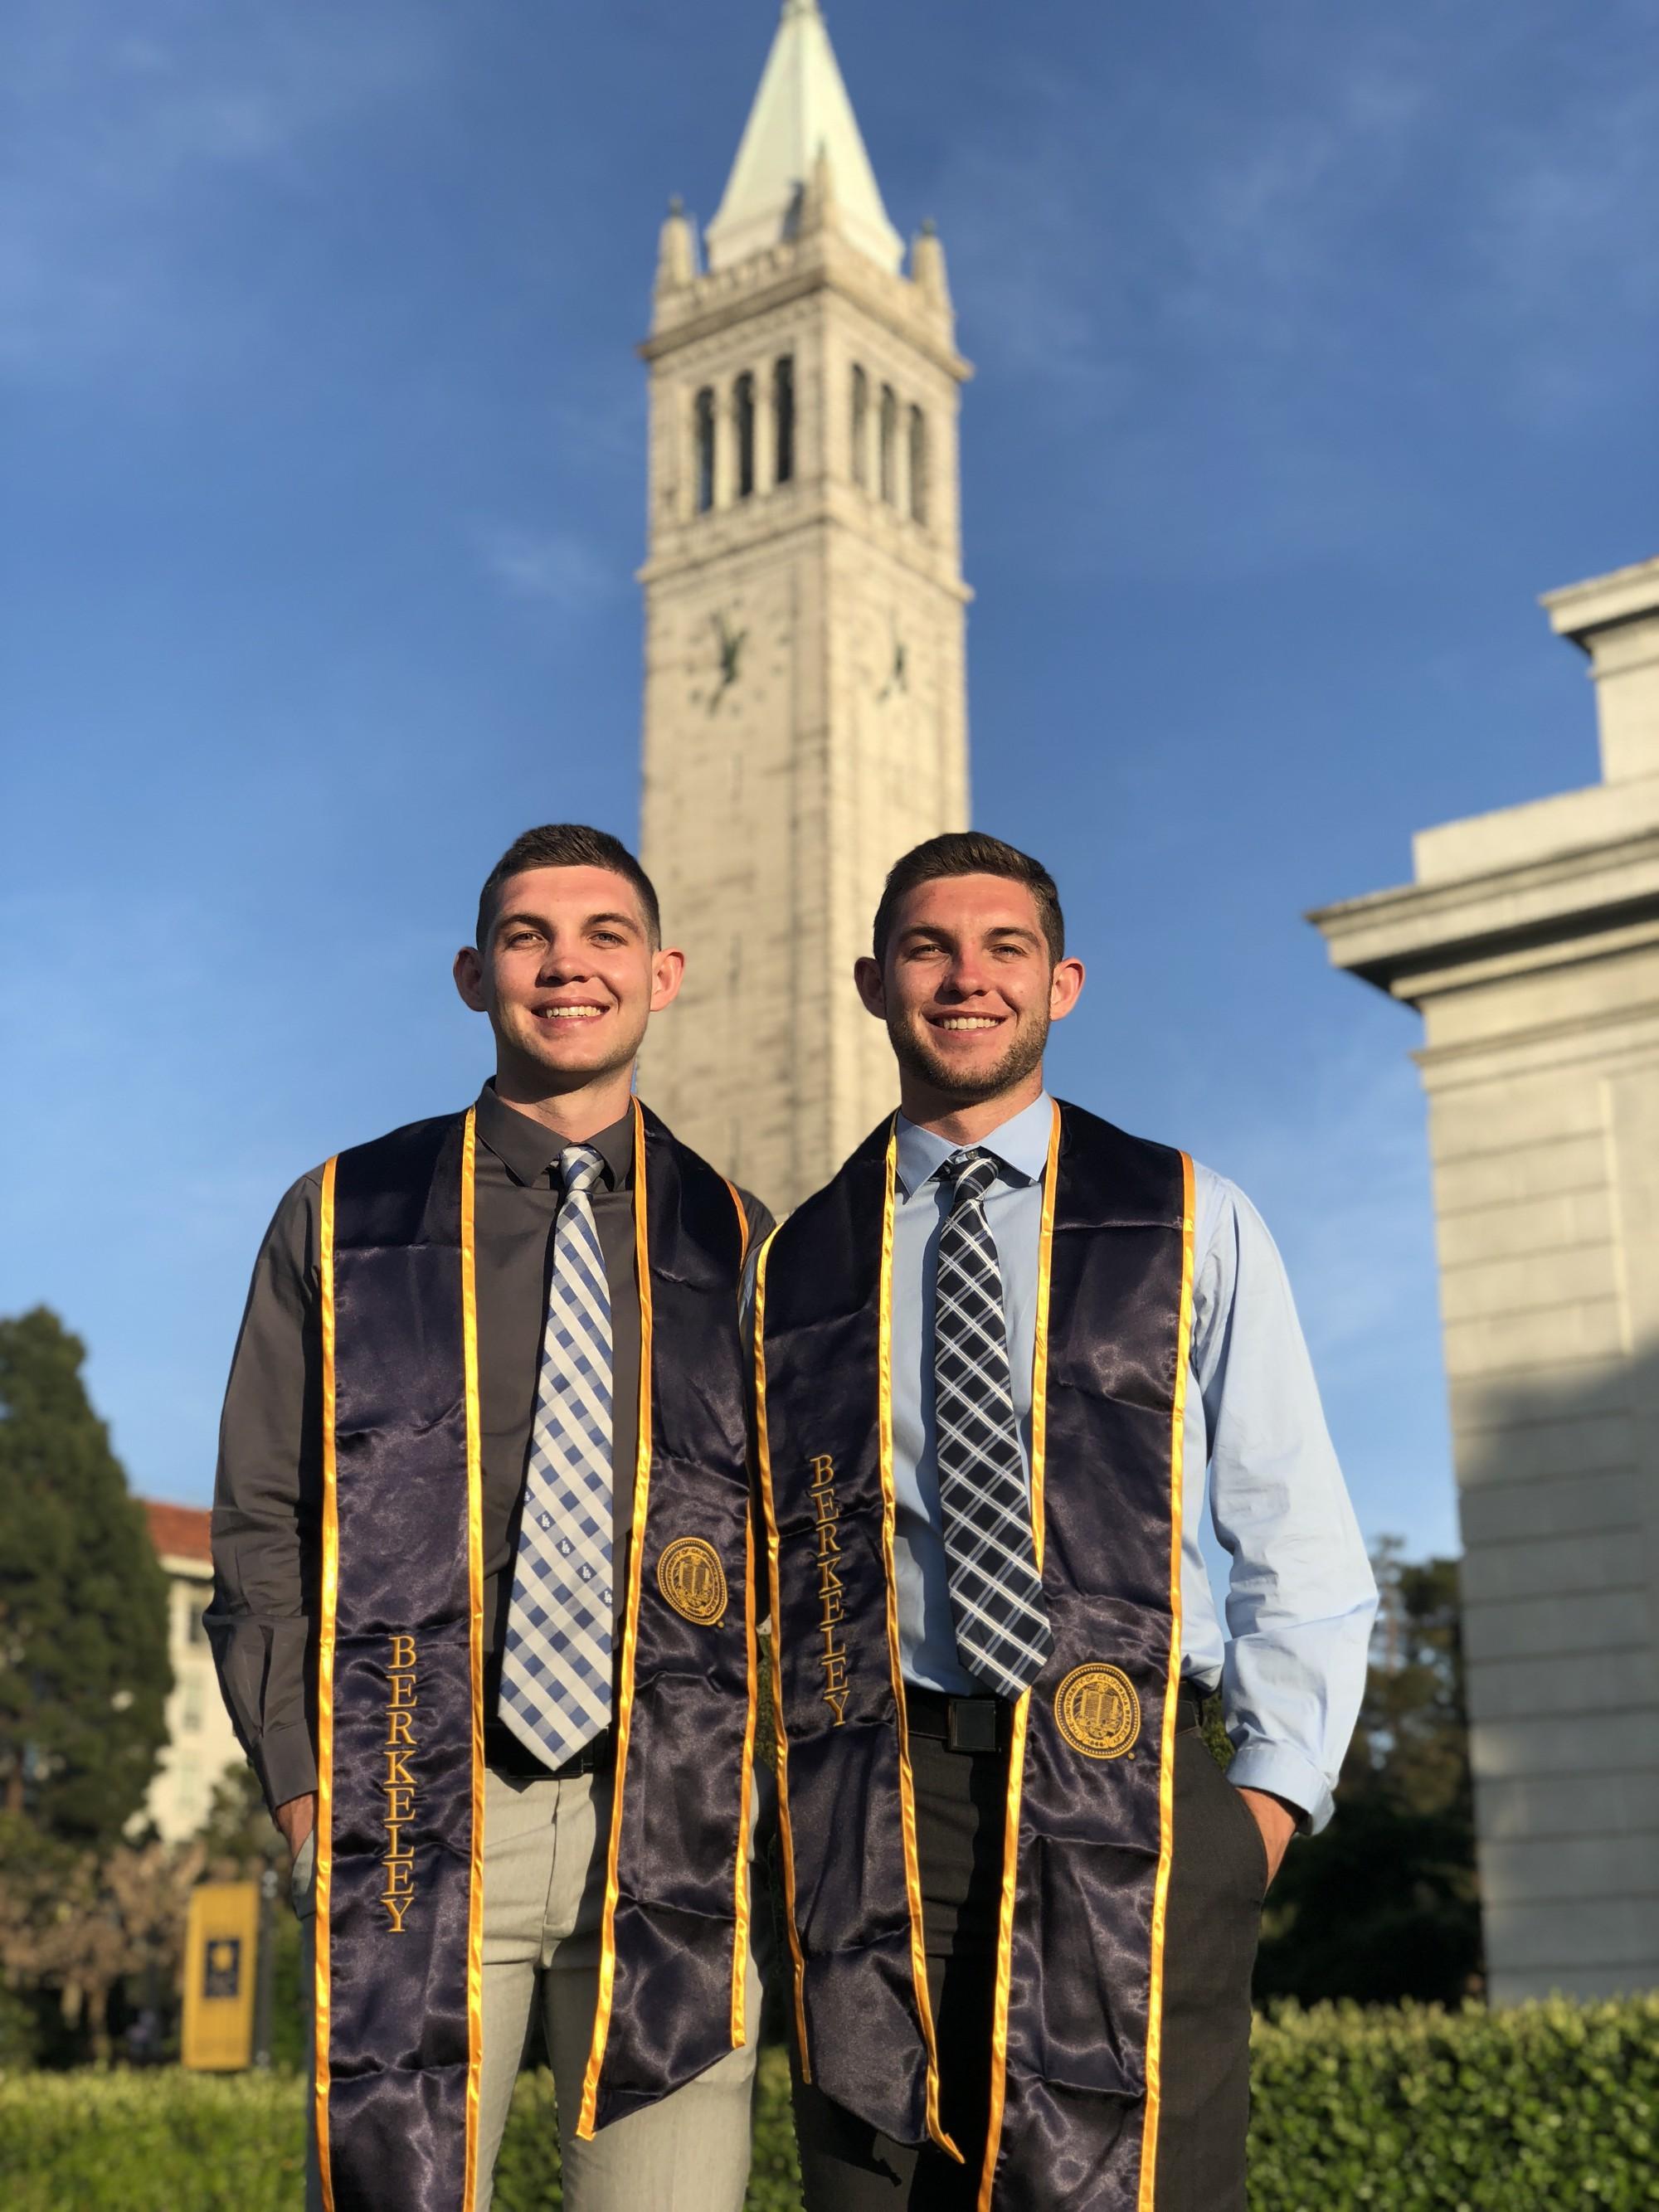 Vừa tốt nghiệp đại học tại Mỹ, hai anh em sinh đôi này đã được Apple nhận vào làm việc nhờ bí kíp trả lời phỏng vấn độc đáo - Ảnh 3.